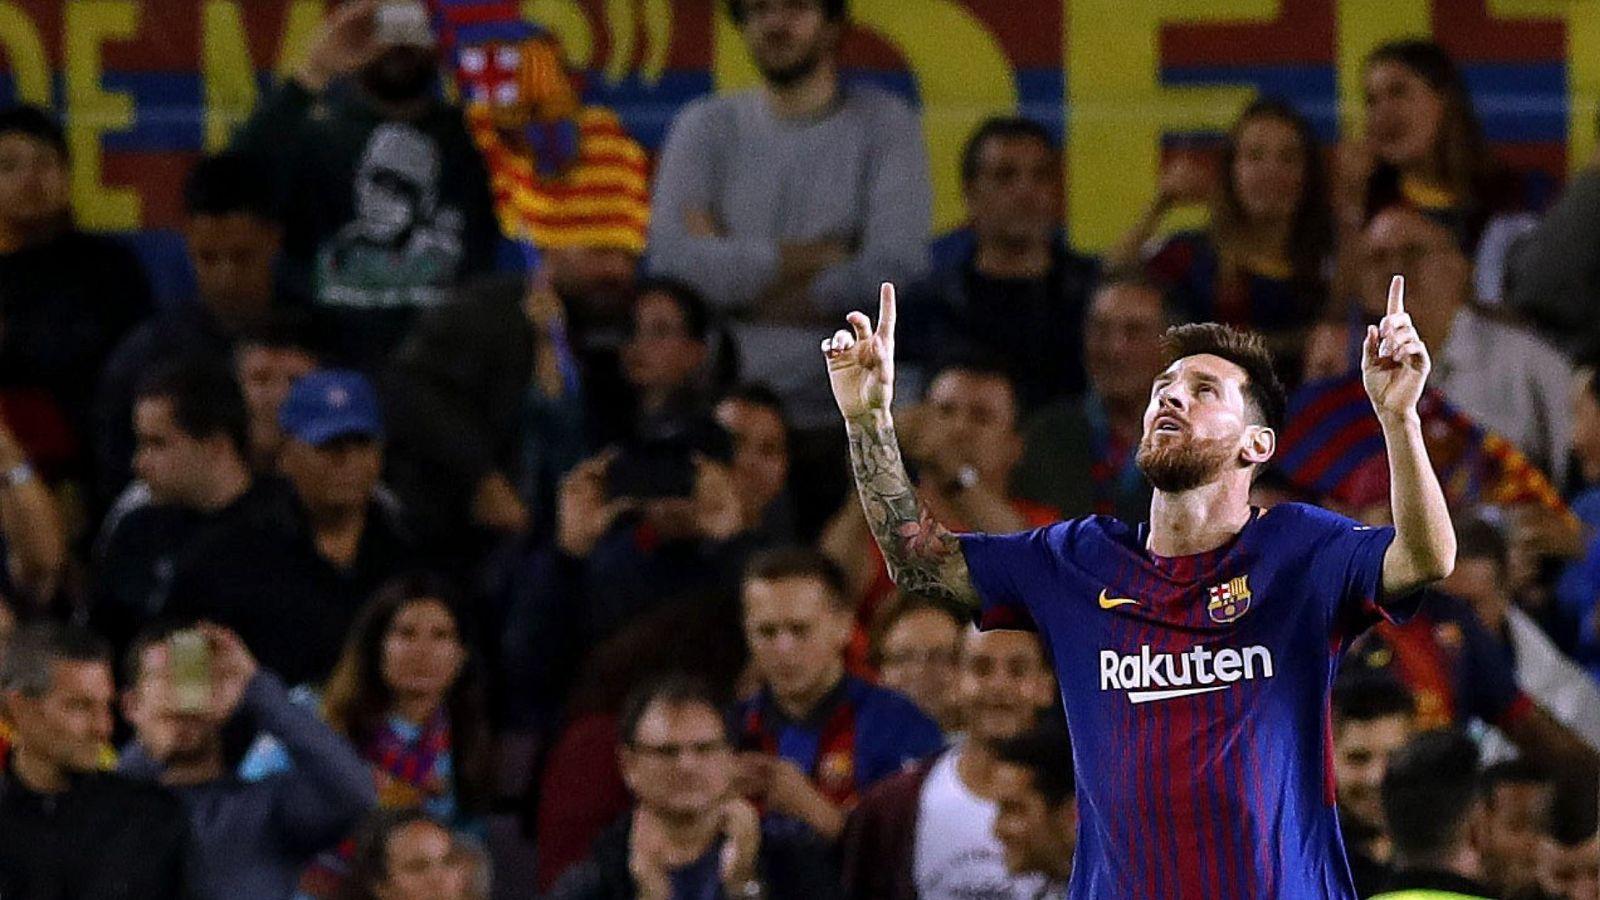 Foto: Messi celebra uno de los tres goles que le marcó al Espanyol. (EFE)